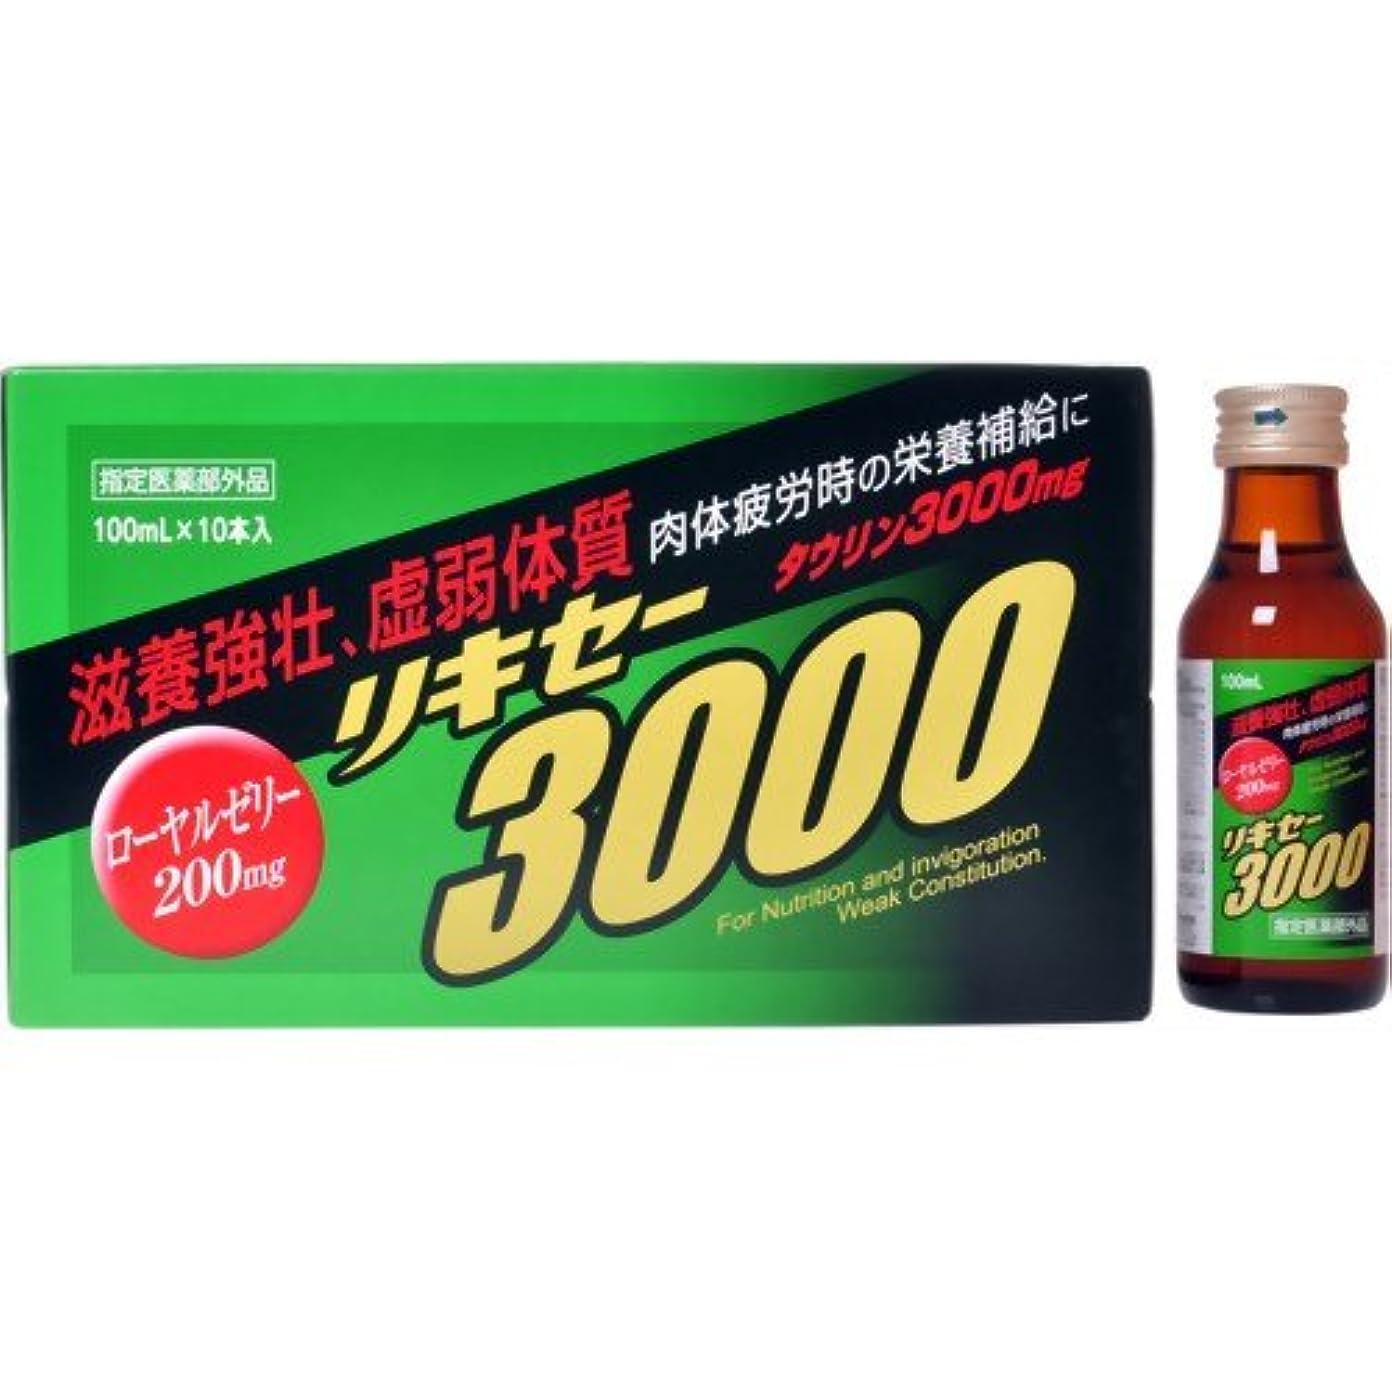 ベストテクスチャー外科医田村 リキセー3000 100mlx10本 [指定医薬部外品]